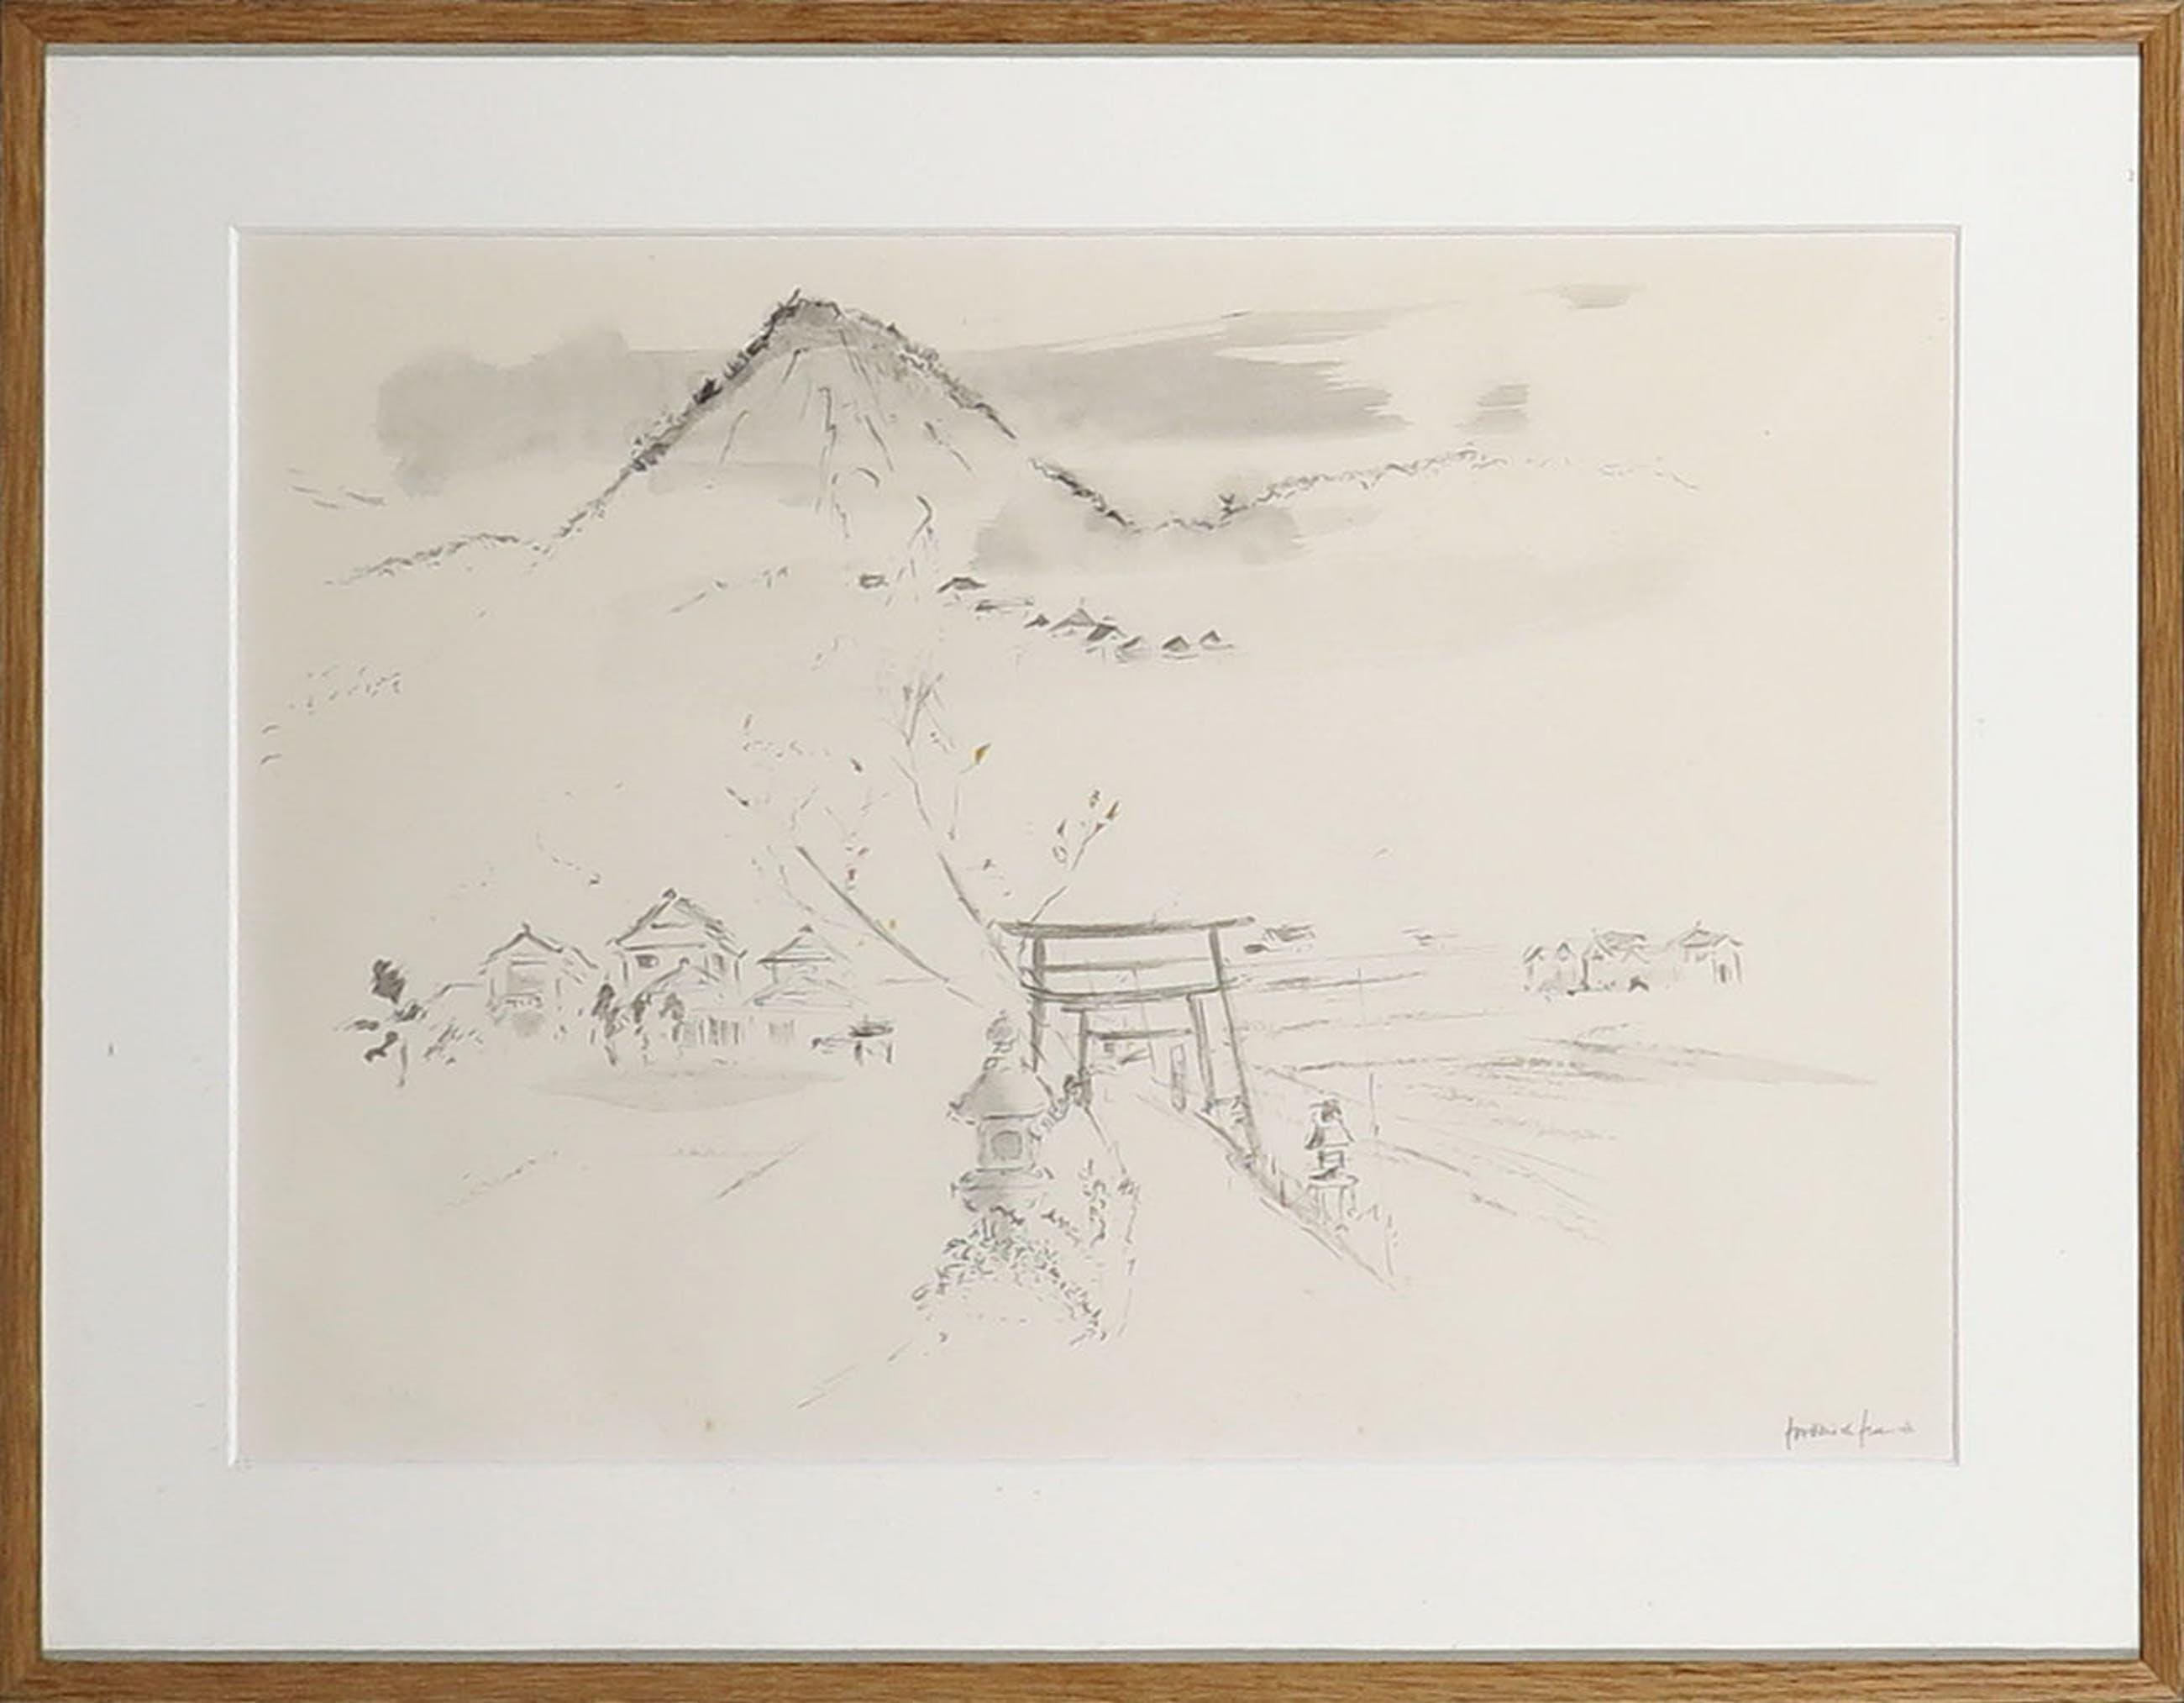 Frederick Franck - Penseeltekening, Mount Fuji - Ingelijst kopen? Bied vanaf 70!